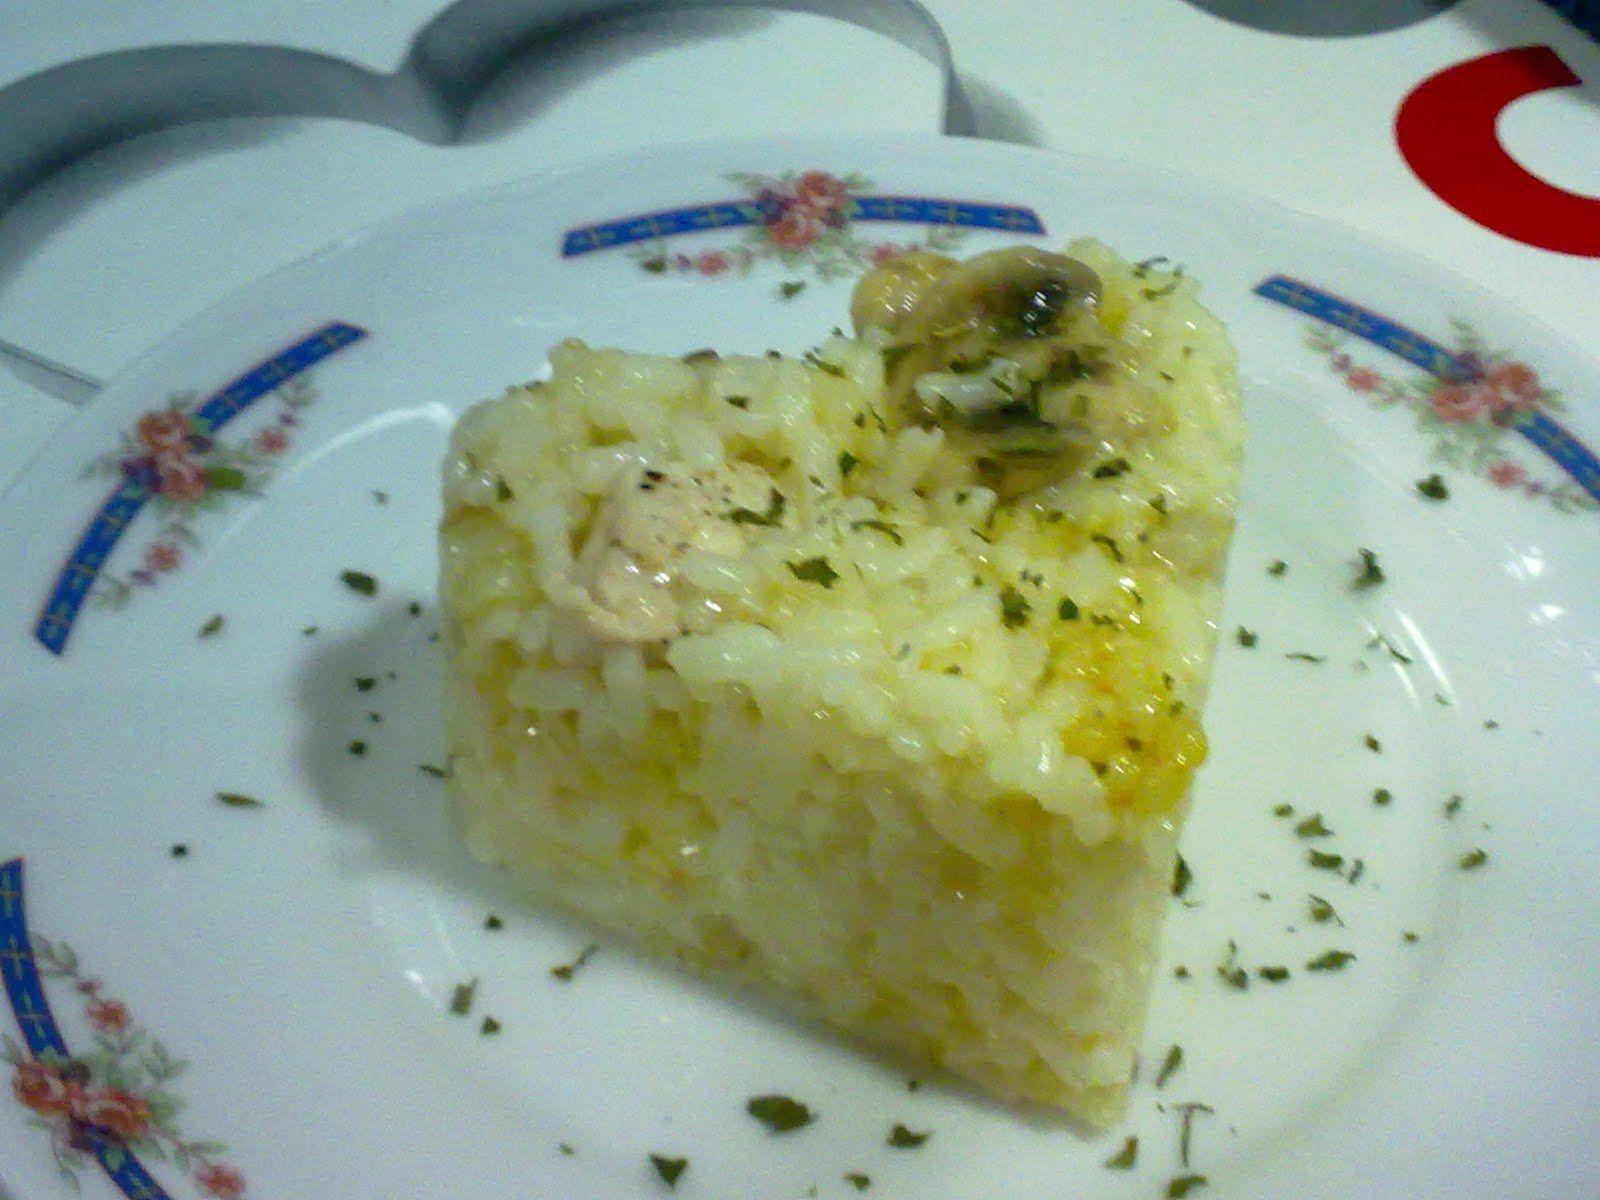 Blog De Recetas De Cocina Caseras Y De Familia Arroz Con Pollo Recetas De Cocina Casera Pollo Con Champiñones